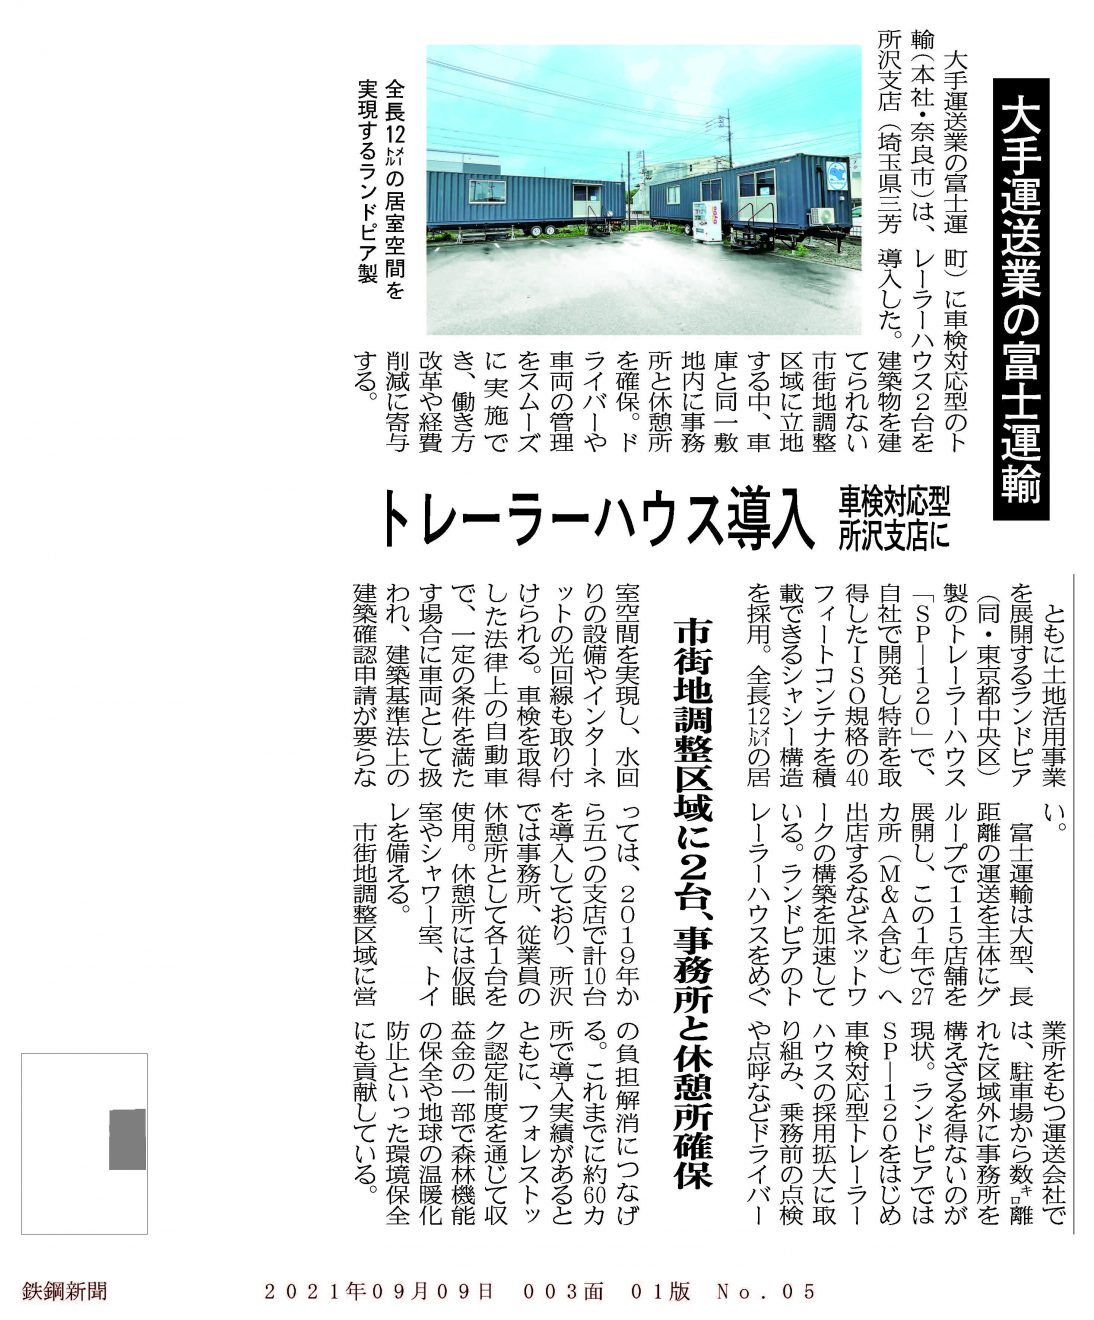 【鉄鋼新聞】富士運輸トレーラーハウス導入_210909